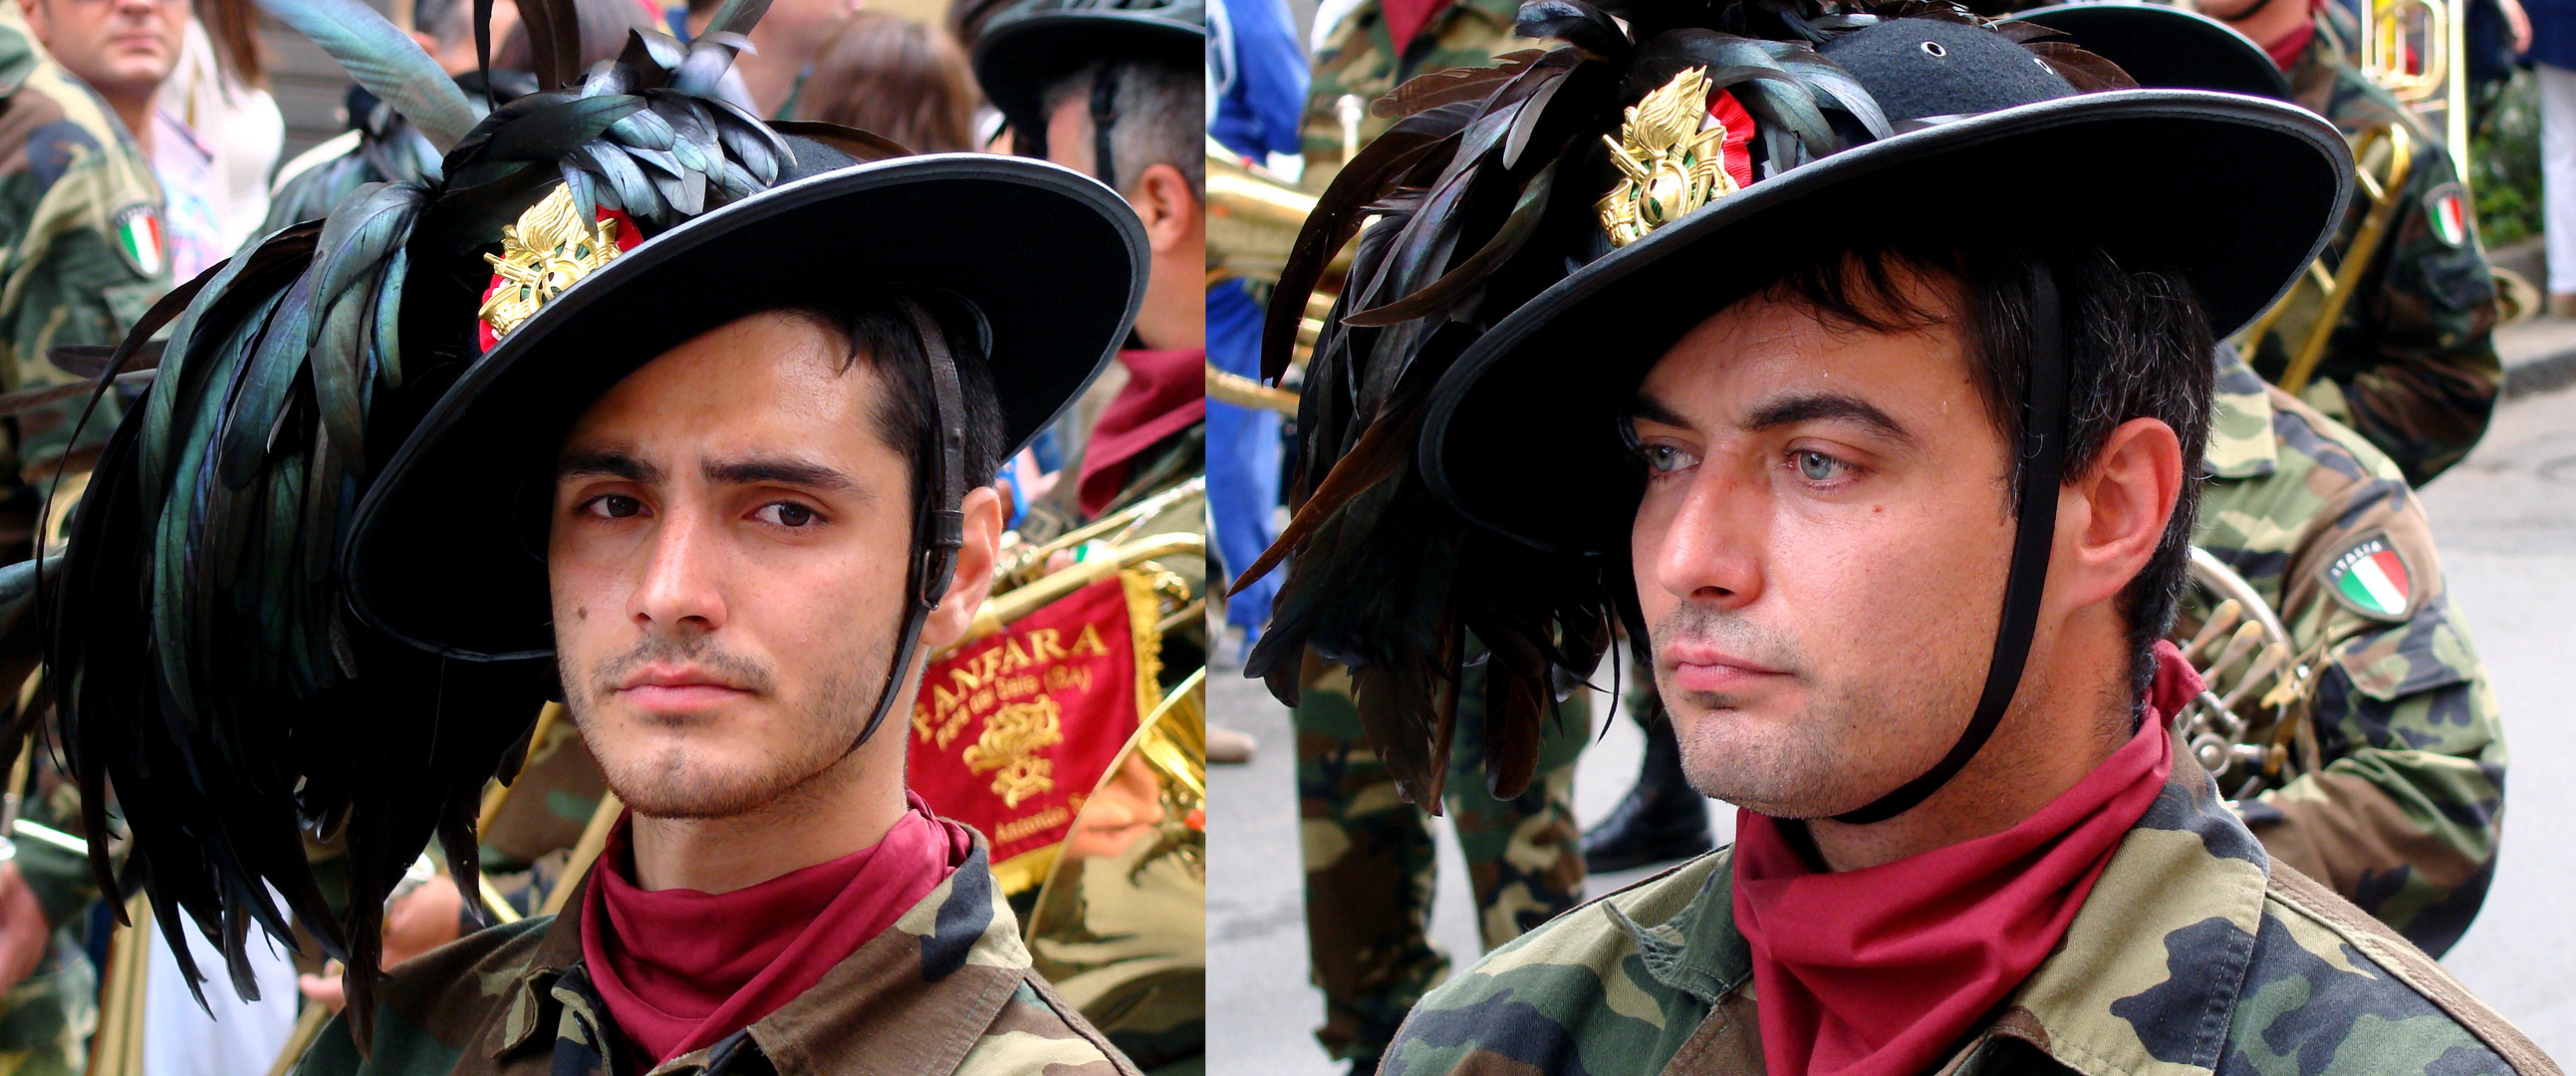 Raduno dei Bersaglieri a Salerno: anche l'occhio vuole la sua parte 2